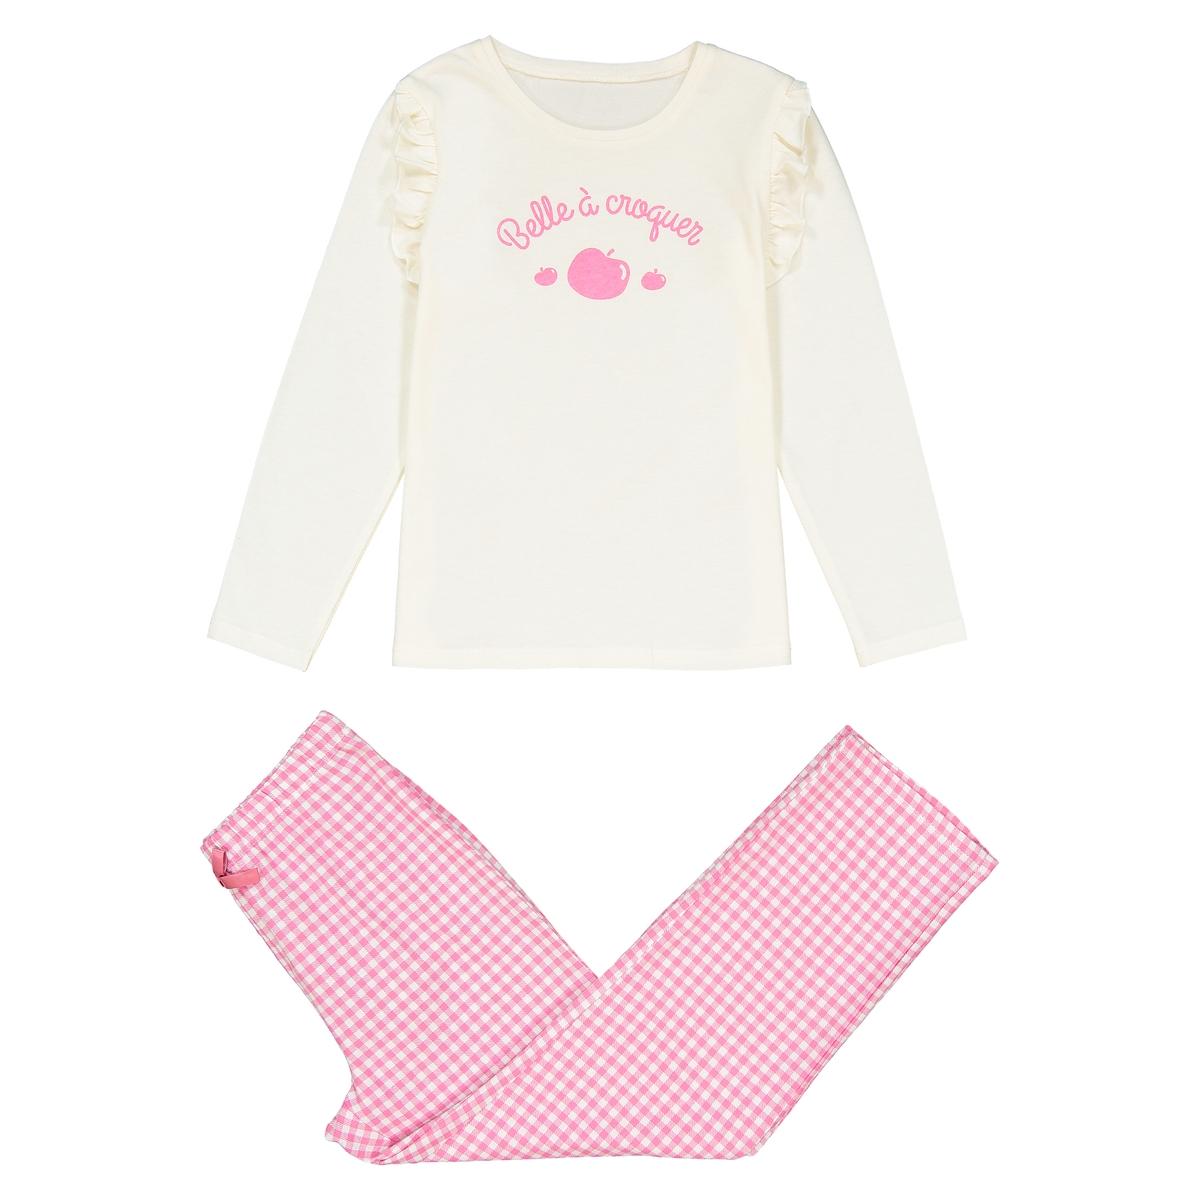 Пижама с длинными рукавами и принтом, 3-12 лет